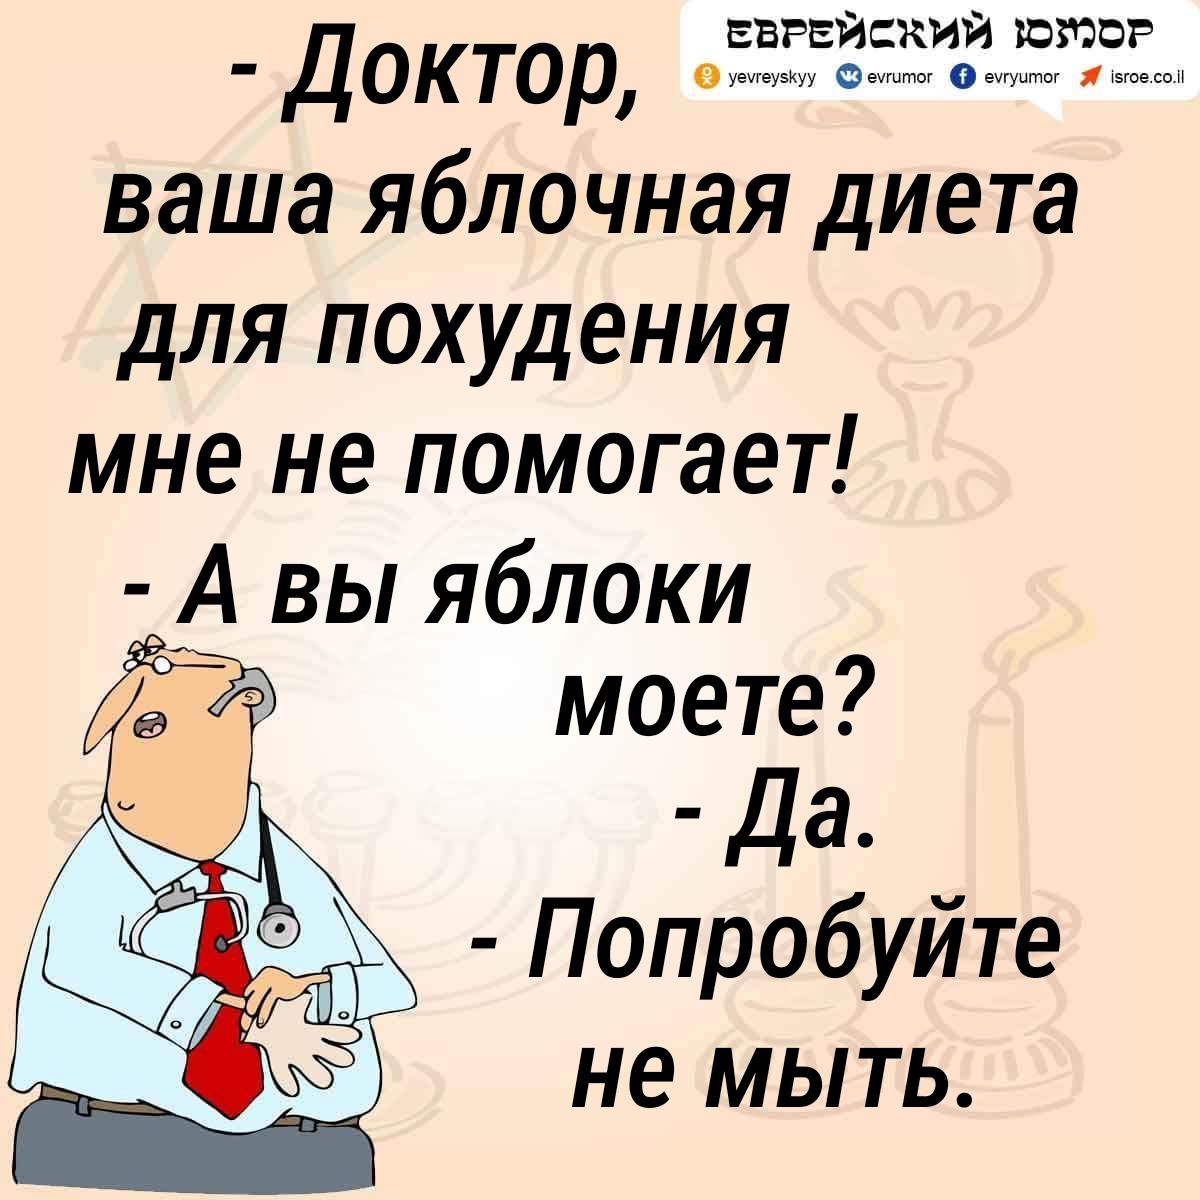 Еврейский юмор. Одесский анекдот. Яблоки